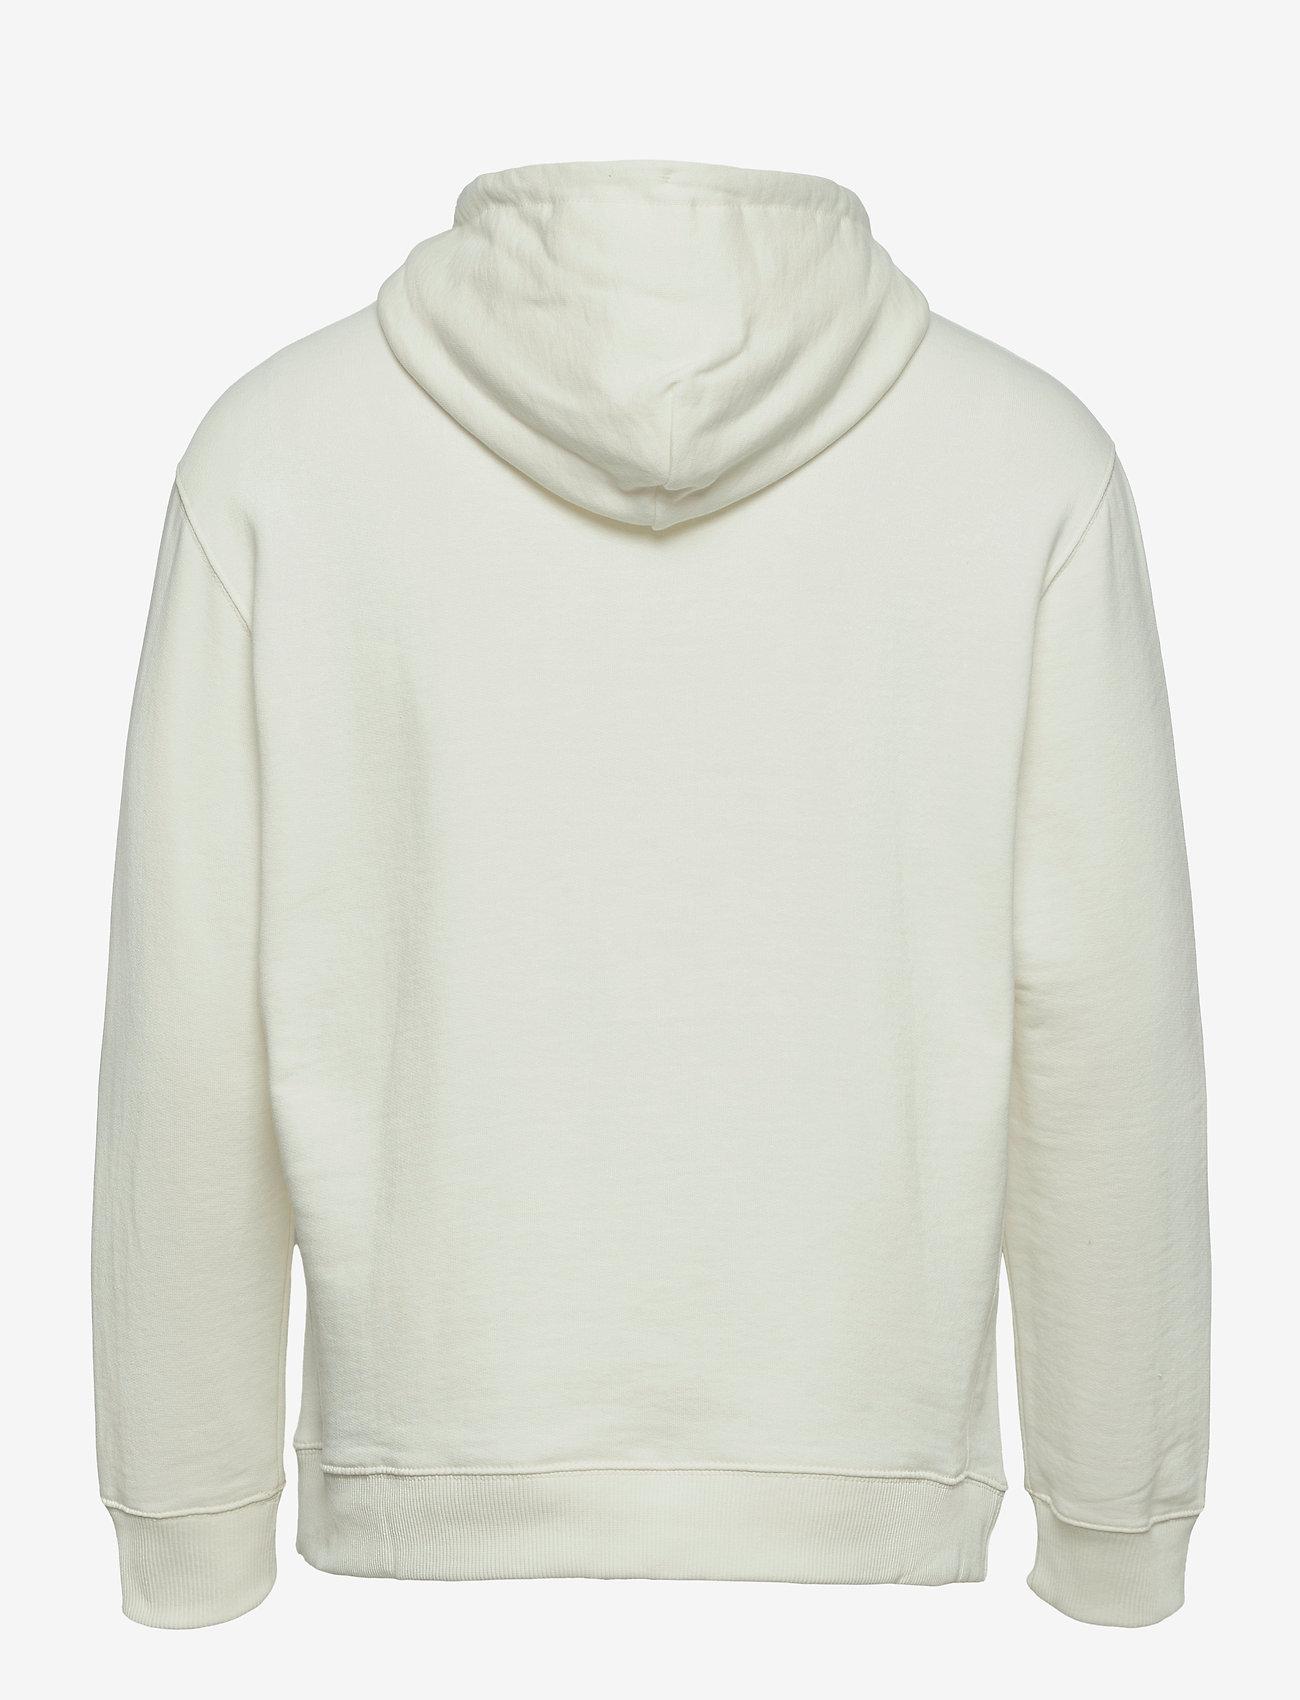 Lee Jeans - PLAIN HOODIE - basic sweatshirts - ecru - 1